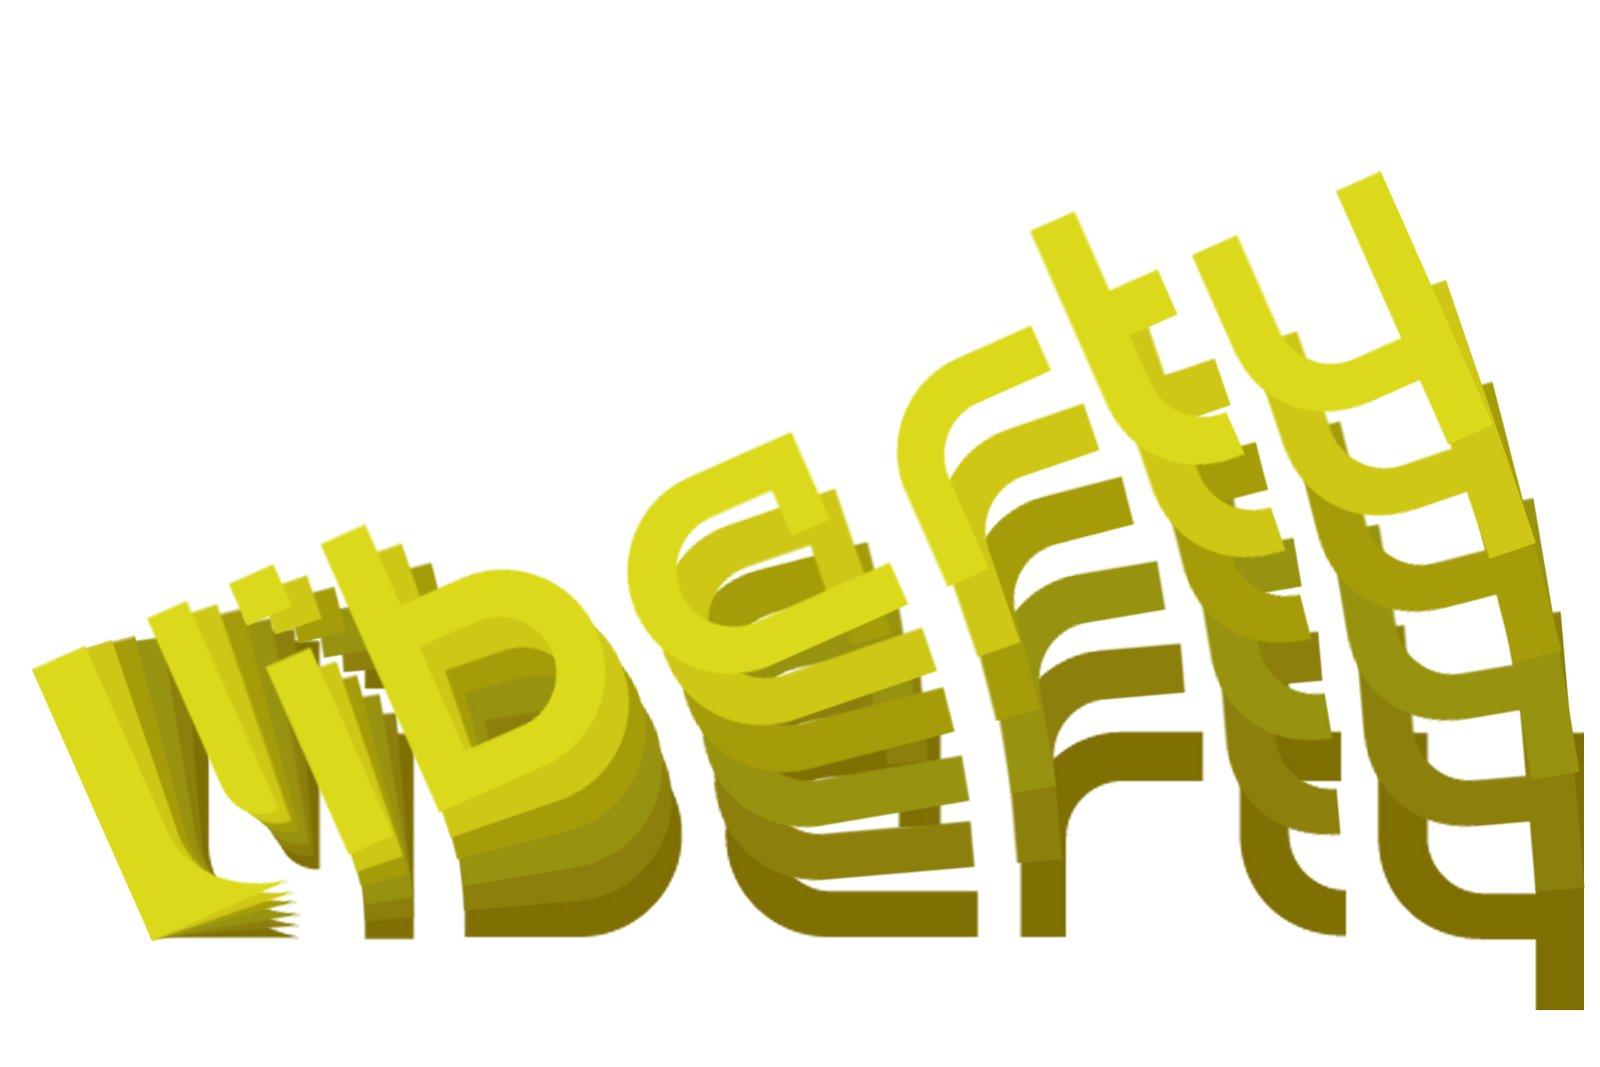 Liberty Logo Mix-Up